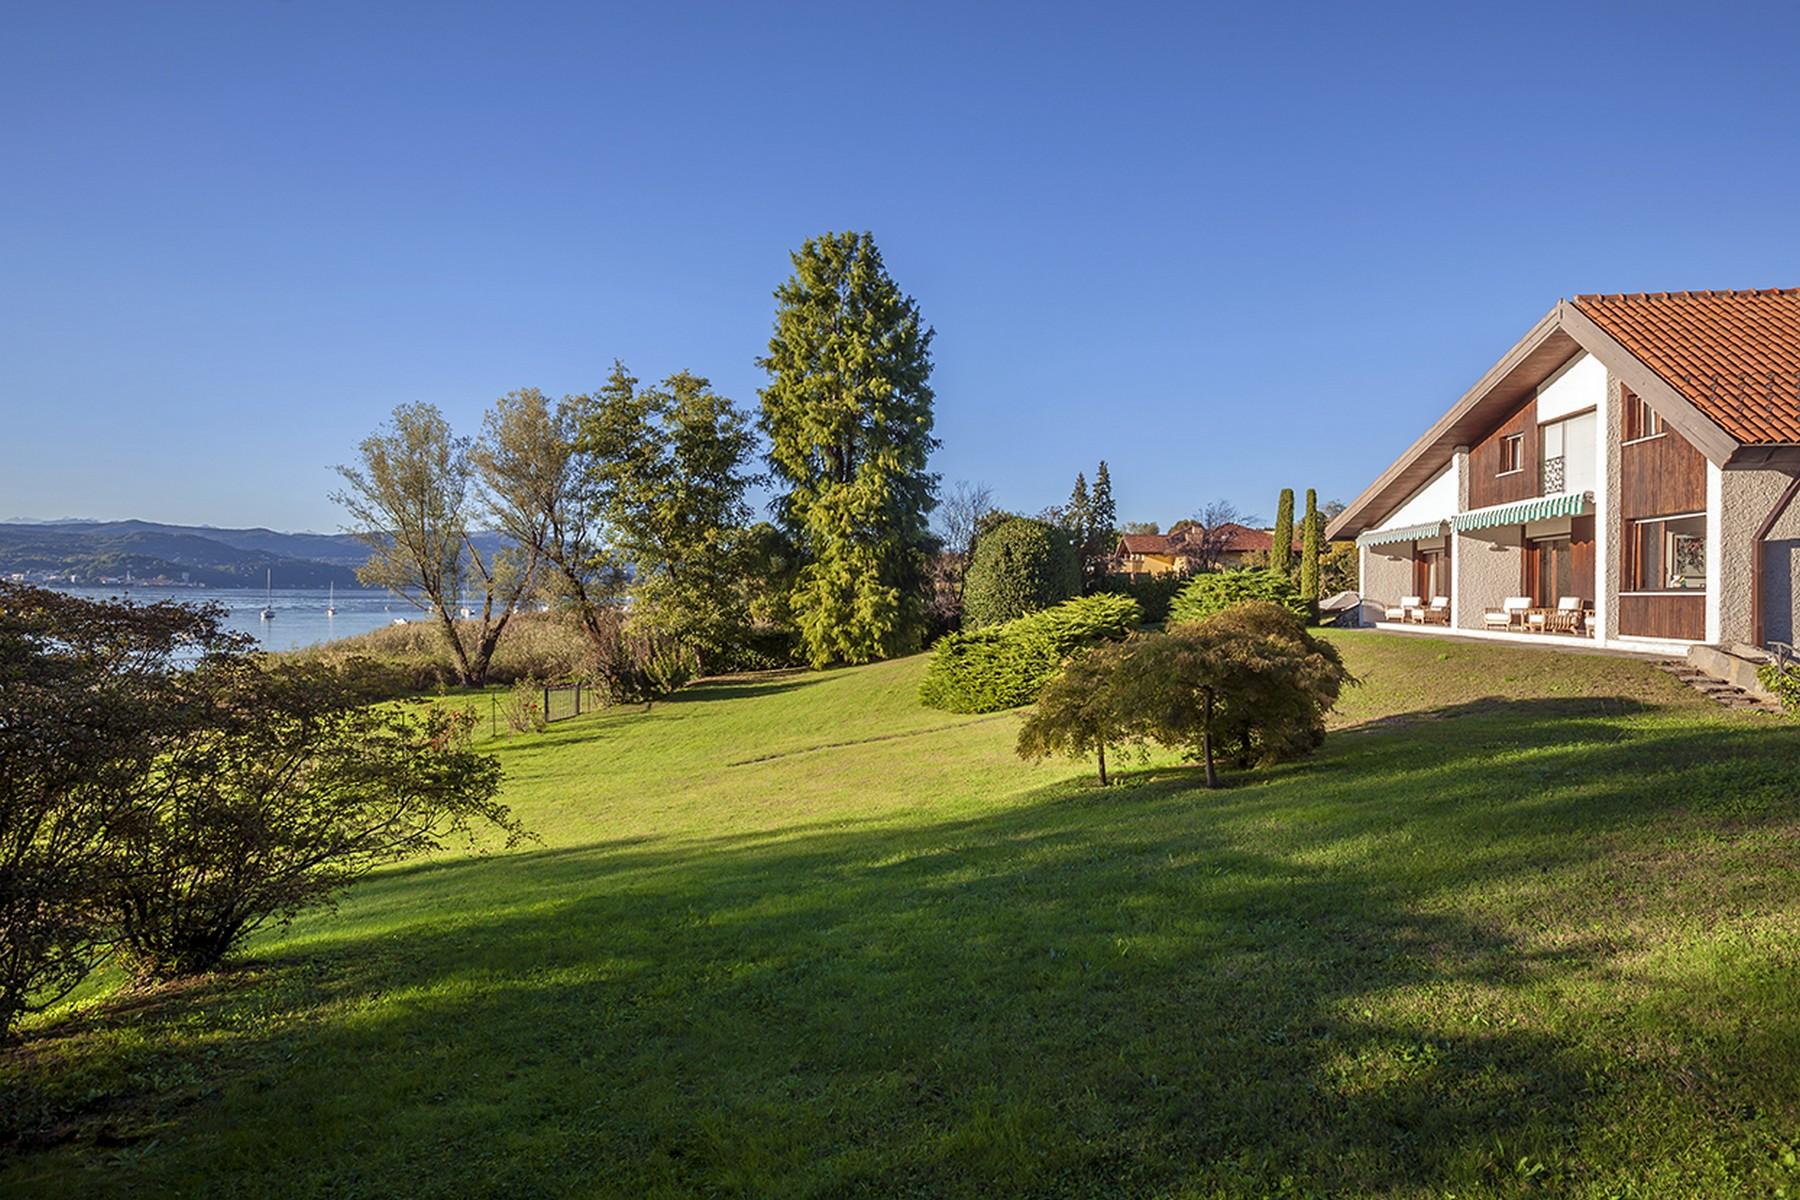 Villa per Vendita alle ore Splendida villa pied dans l'eau sulle sponde del Lago Maggiore Via Sara Other Varese, Varese 21018 Italia